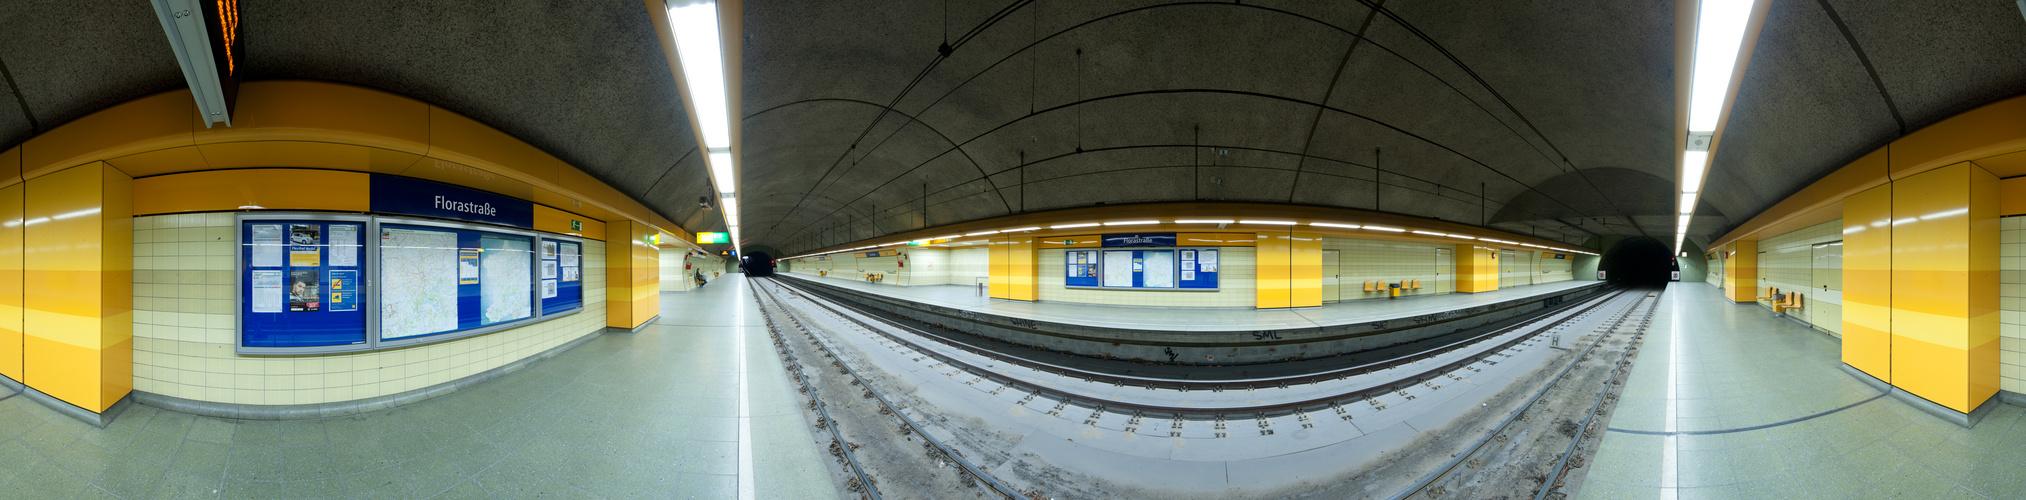 U-Bahnstation Florastraße